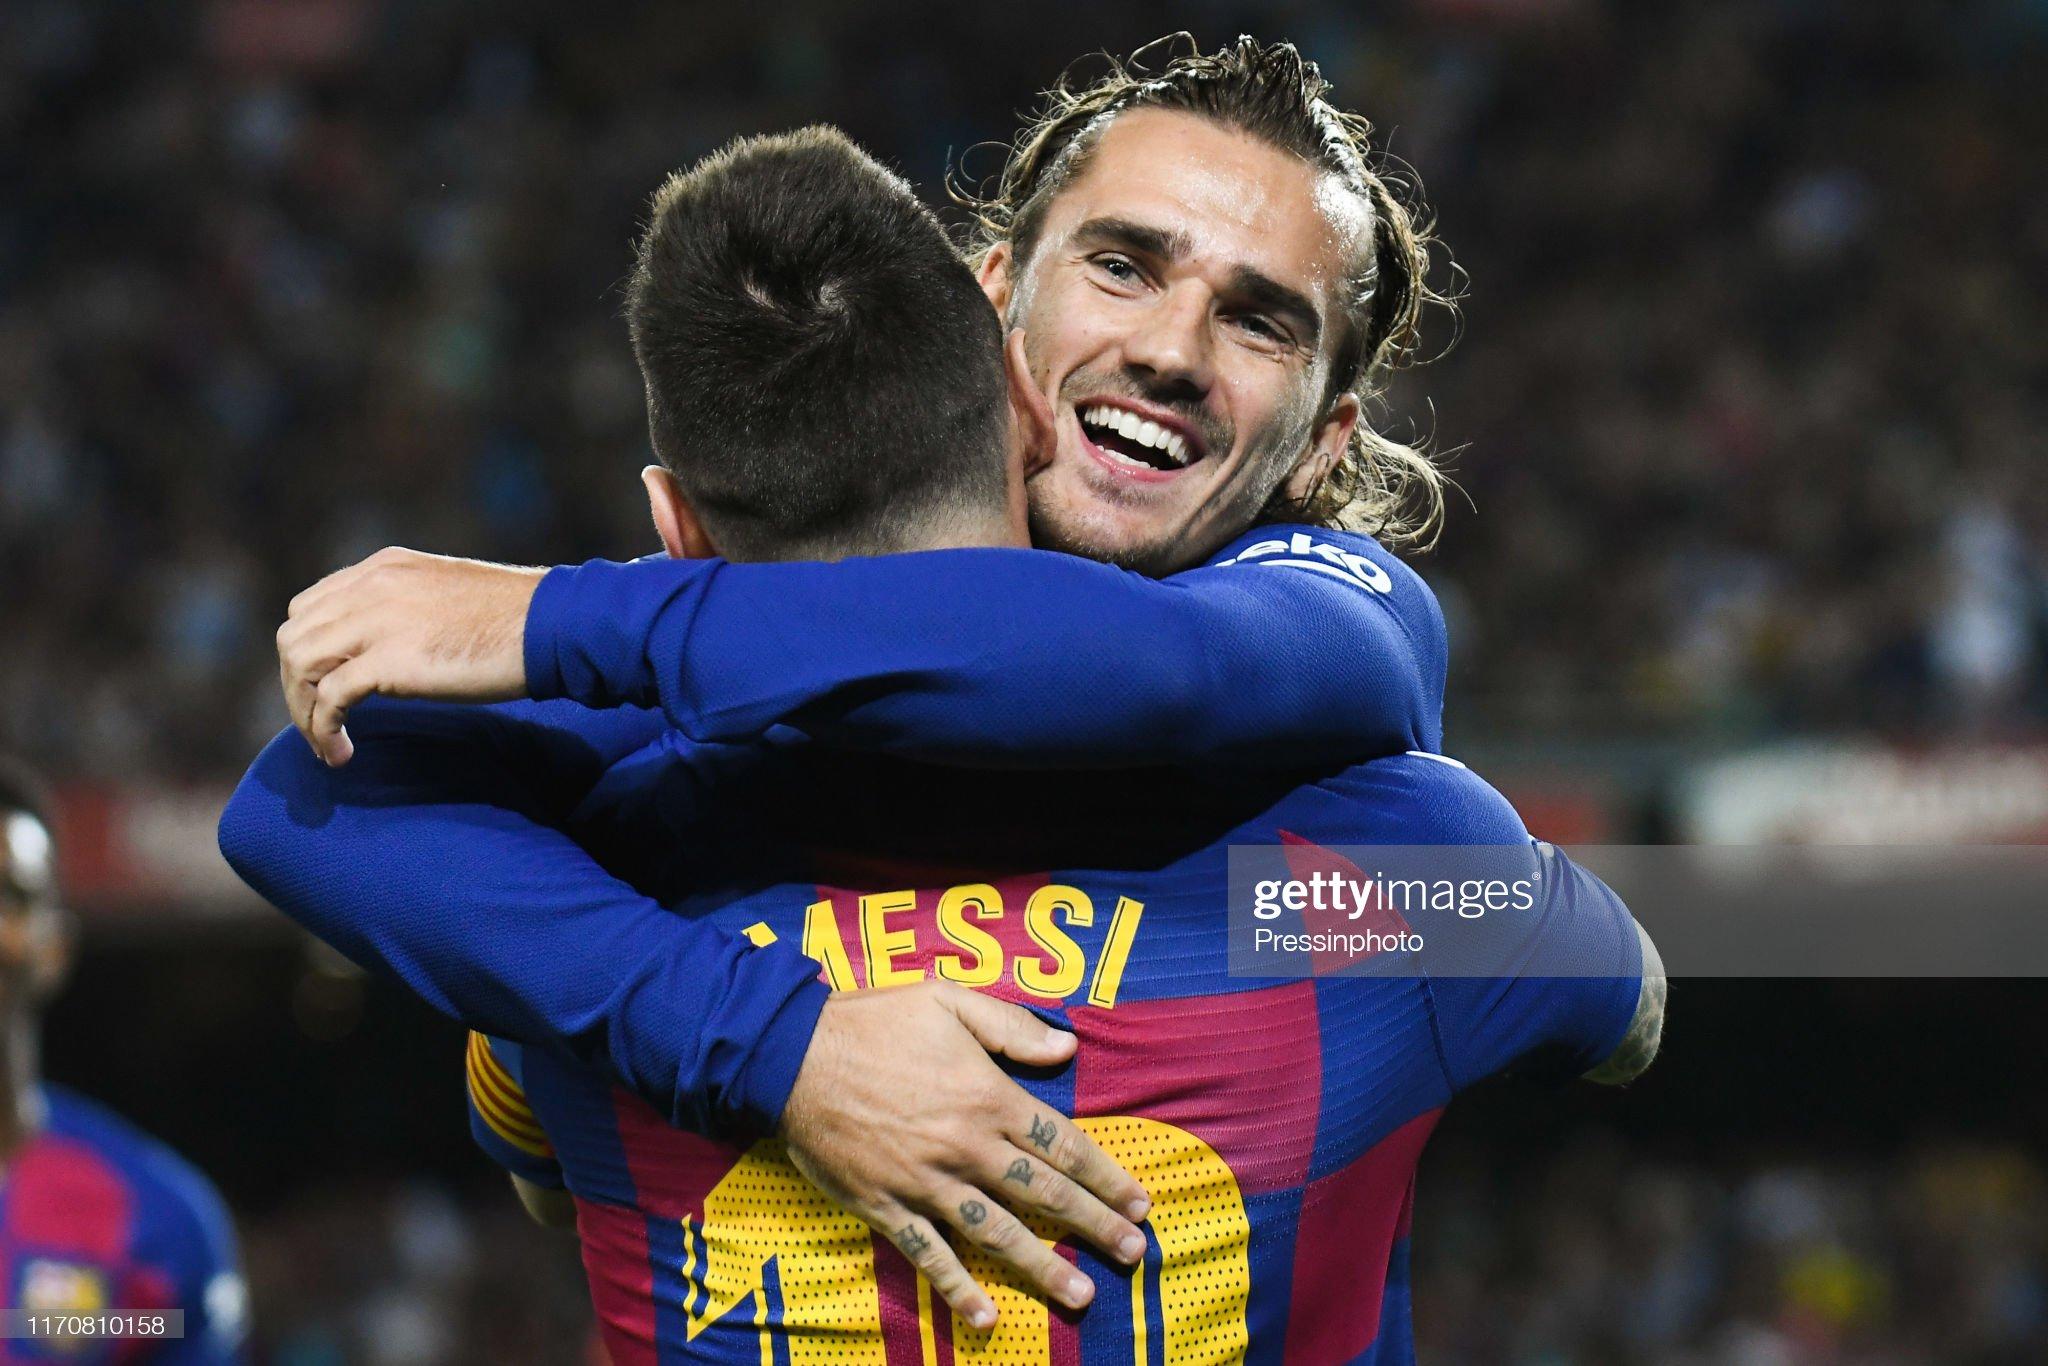 صور مباراة : برشلونة - فياريال 2-1 ( 24-09-2019 )  Antoine-griezmann-of-fc-barcelona-celebrates-his-goal-with-lionel-of-picture-id1170810158?s=2048x2048